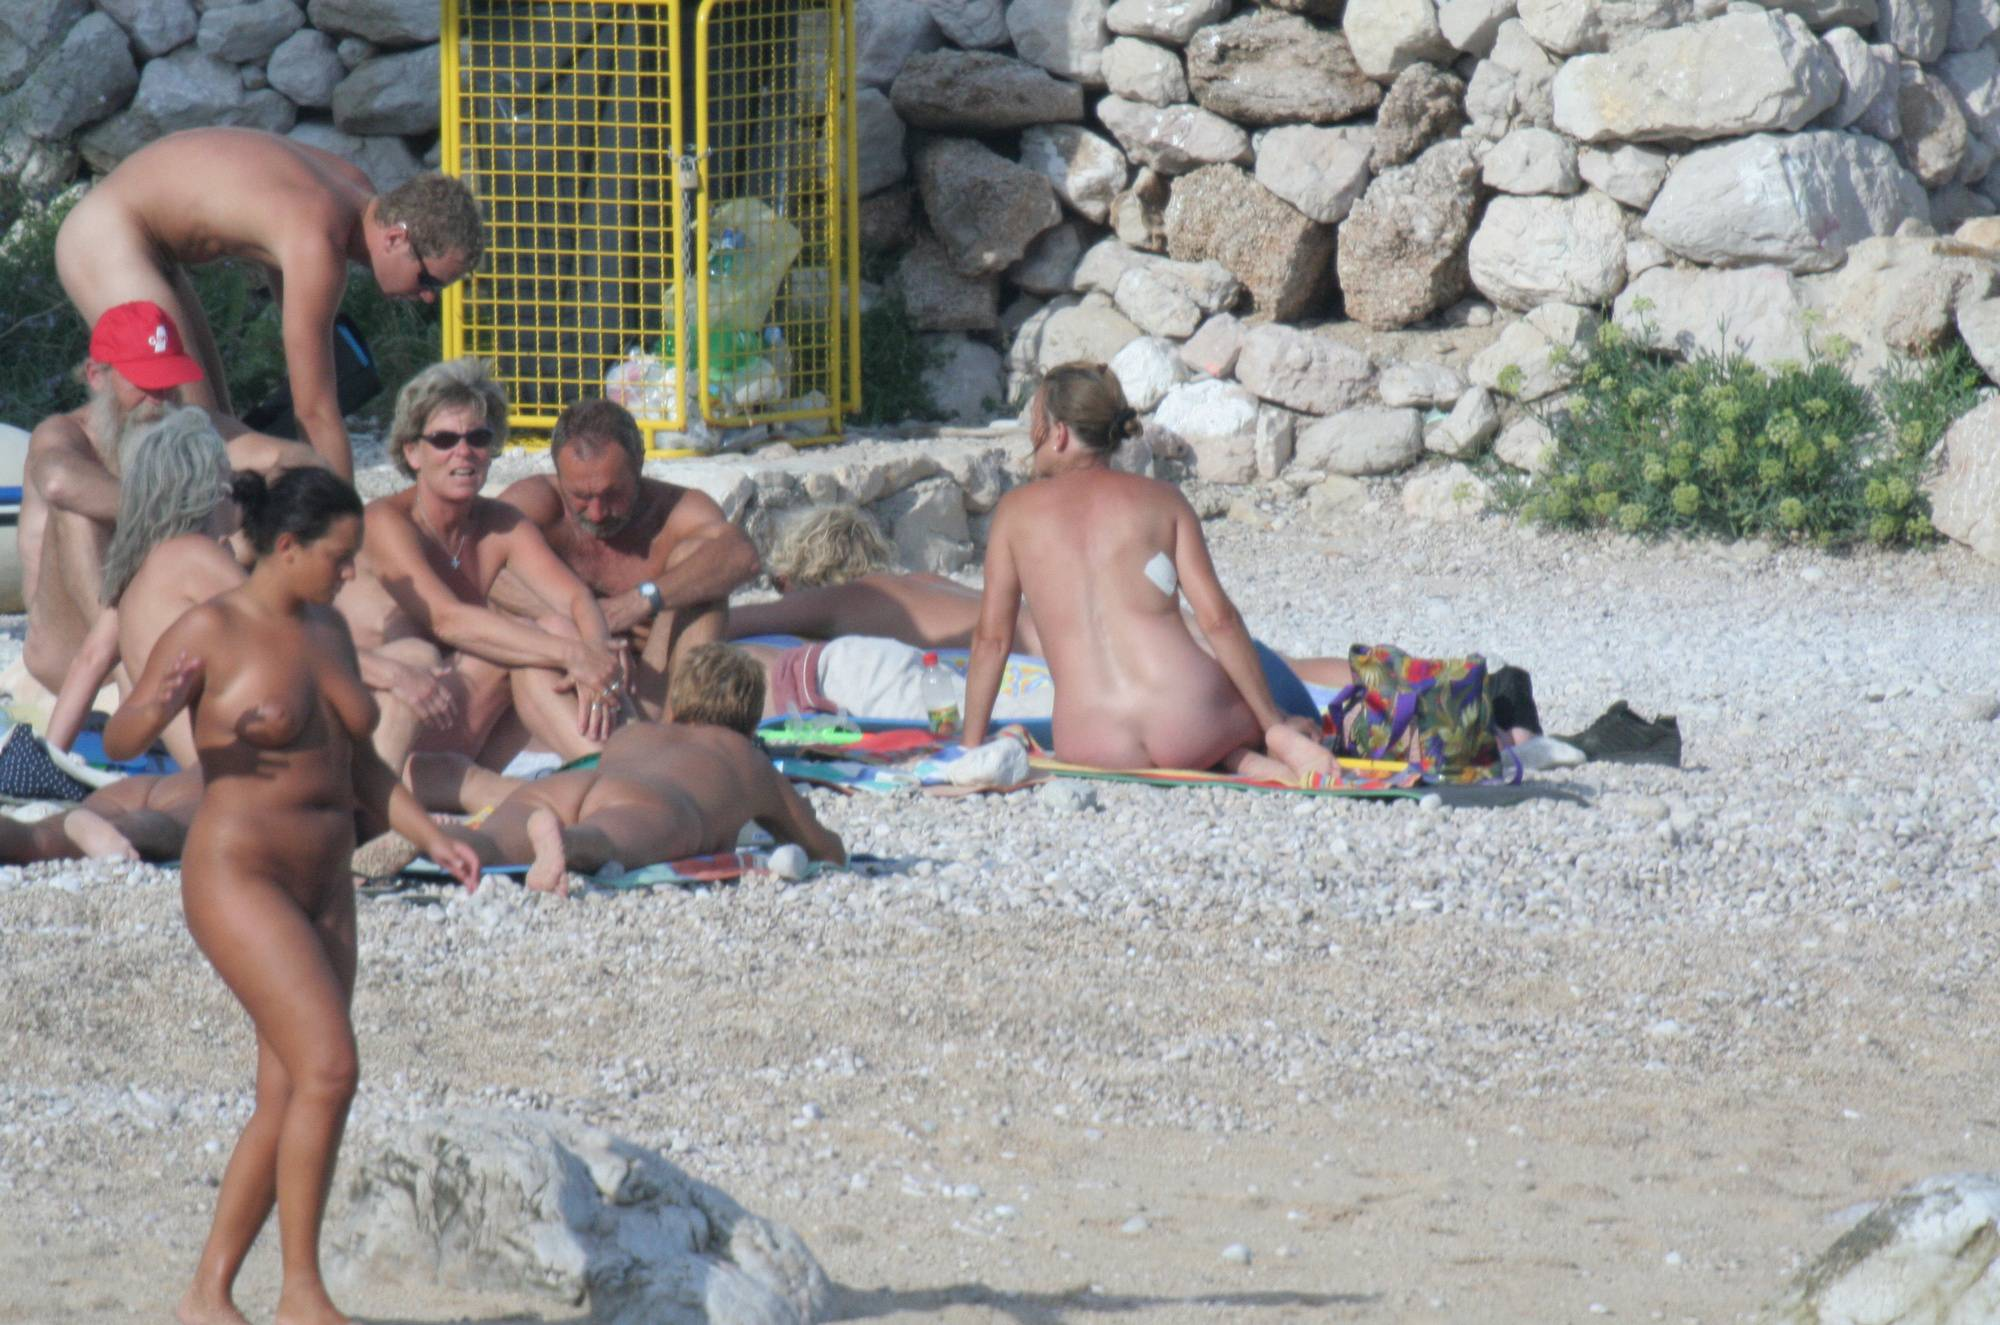 Nudist Pics Croatian Baska Beach Visit - 2